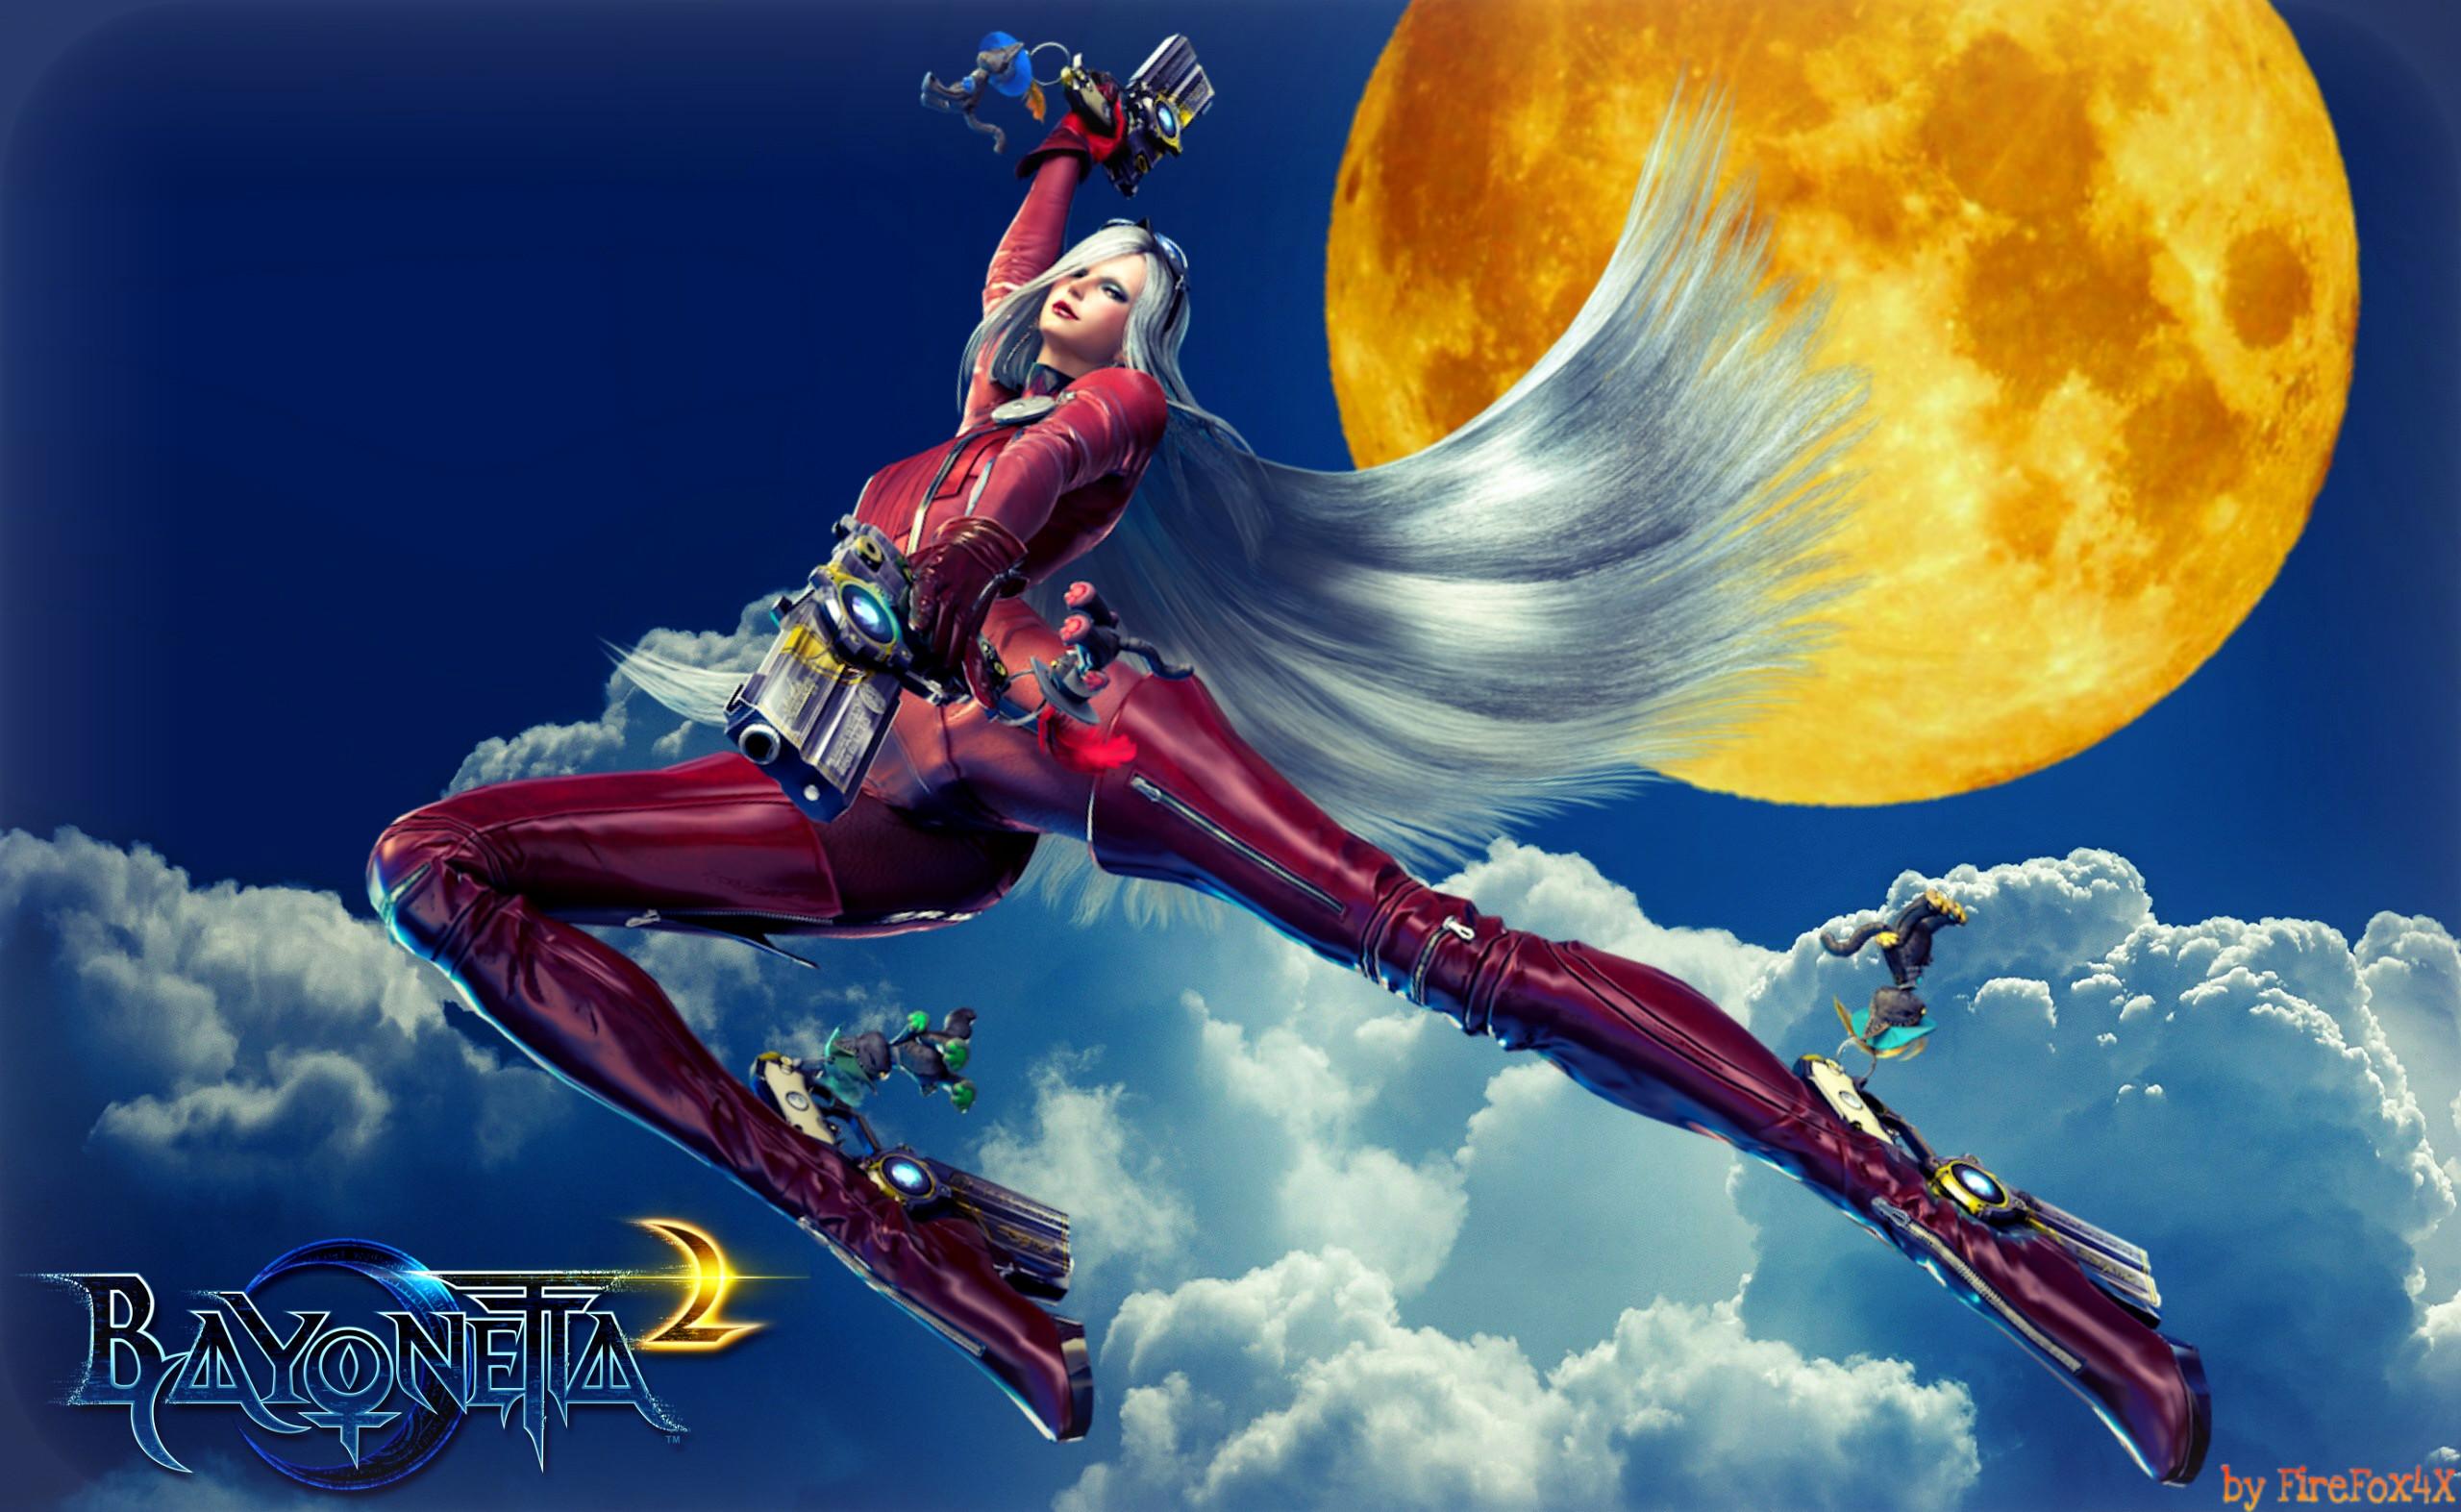 … Bayonetta 2 Jeanne wallpaper by FireFox4X Bayonetta 2 Jeanne wallpaper  by FireFox4X …